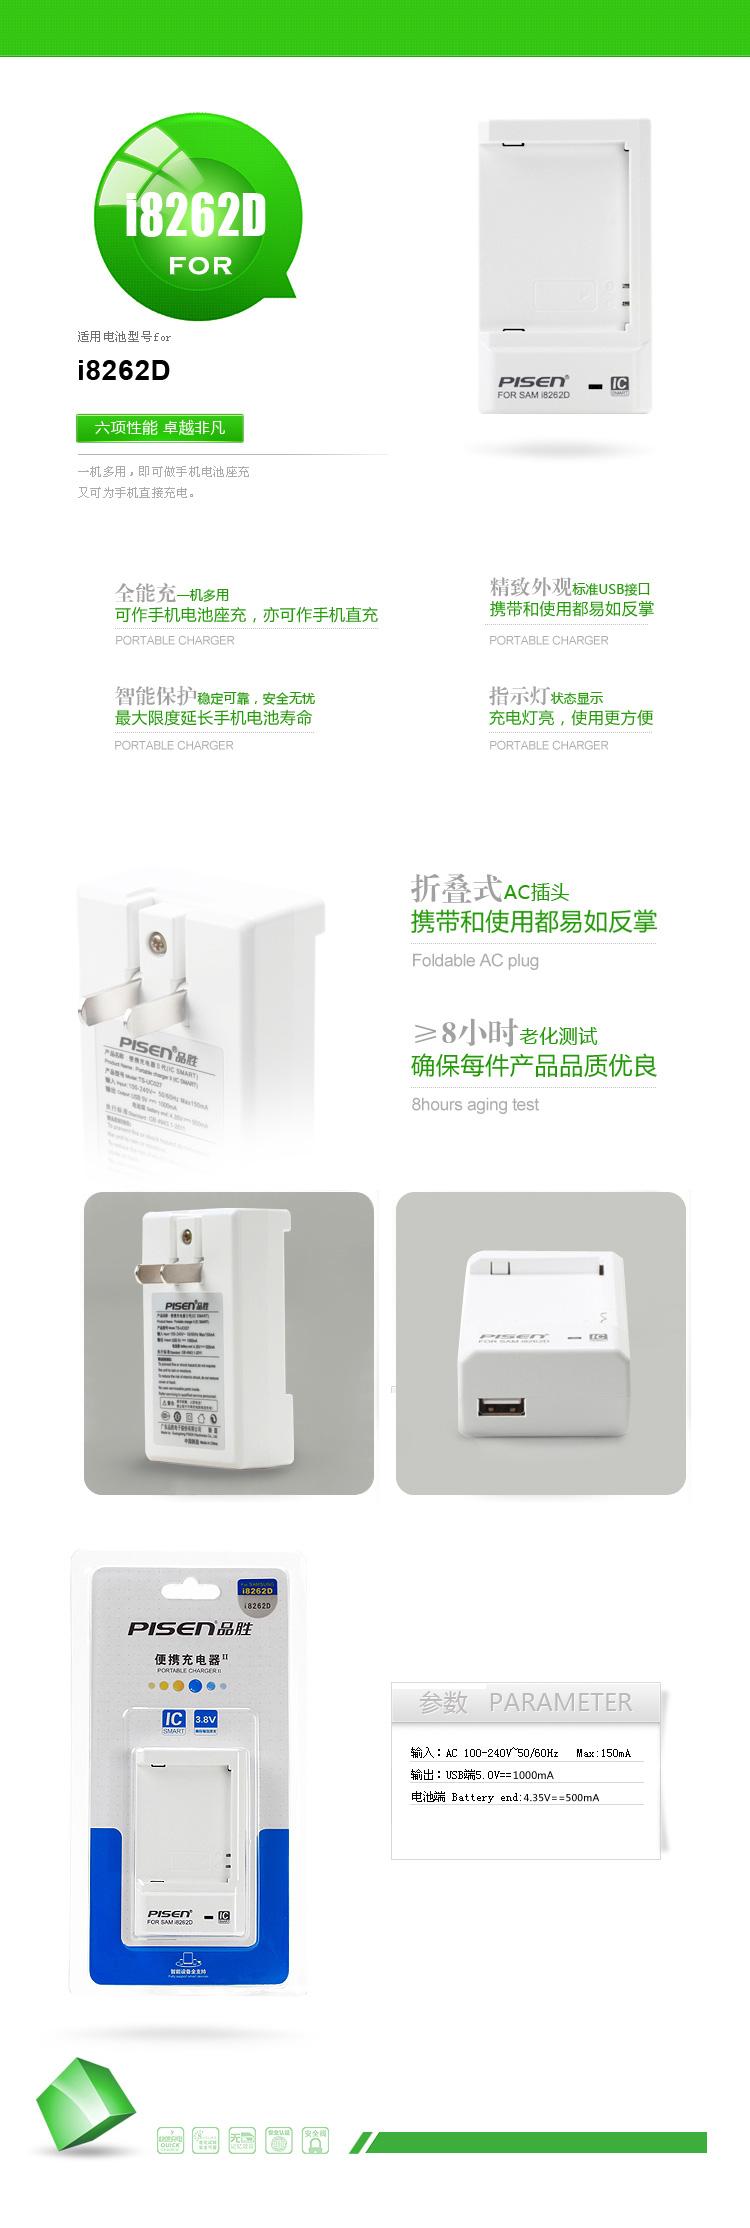 品胜手机充电器,ts-uc027;手机便携充二代 三星(ic smart) i8262d